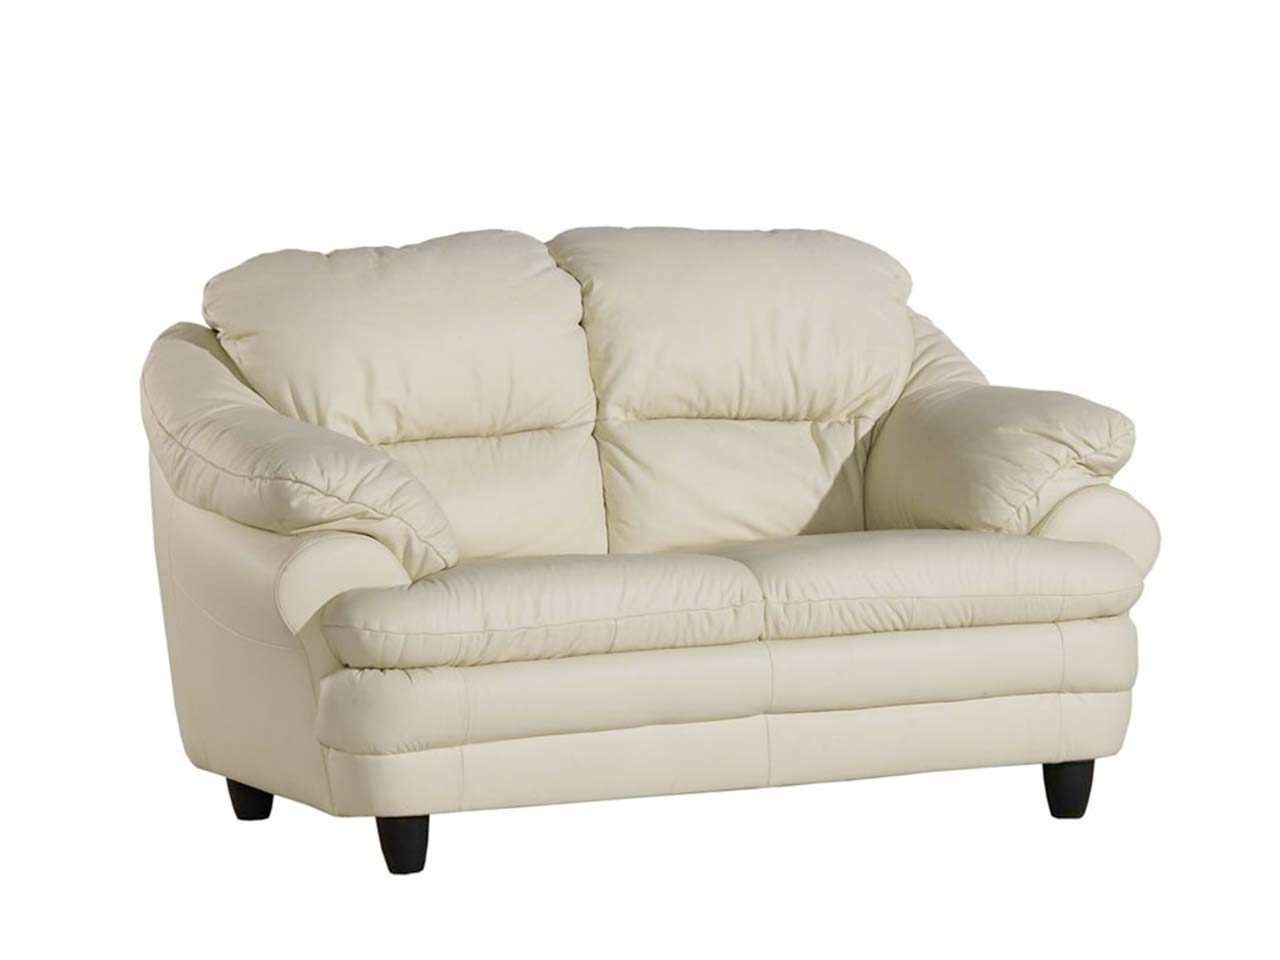 zestaw wypoczynkowy sara 3 2 1 pyka sklep meblowy. Black Bedroom Furniture Sets. Home Design Ideas